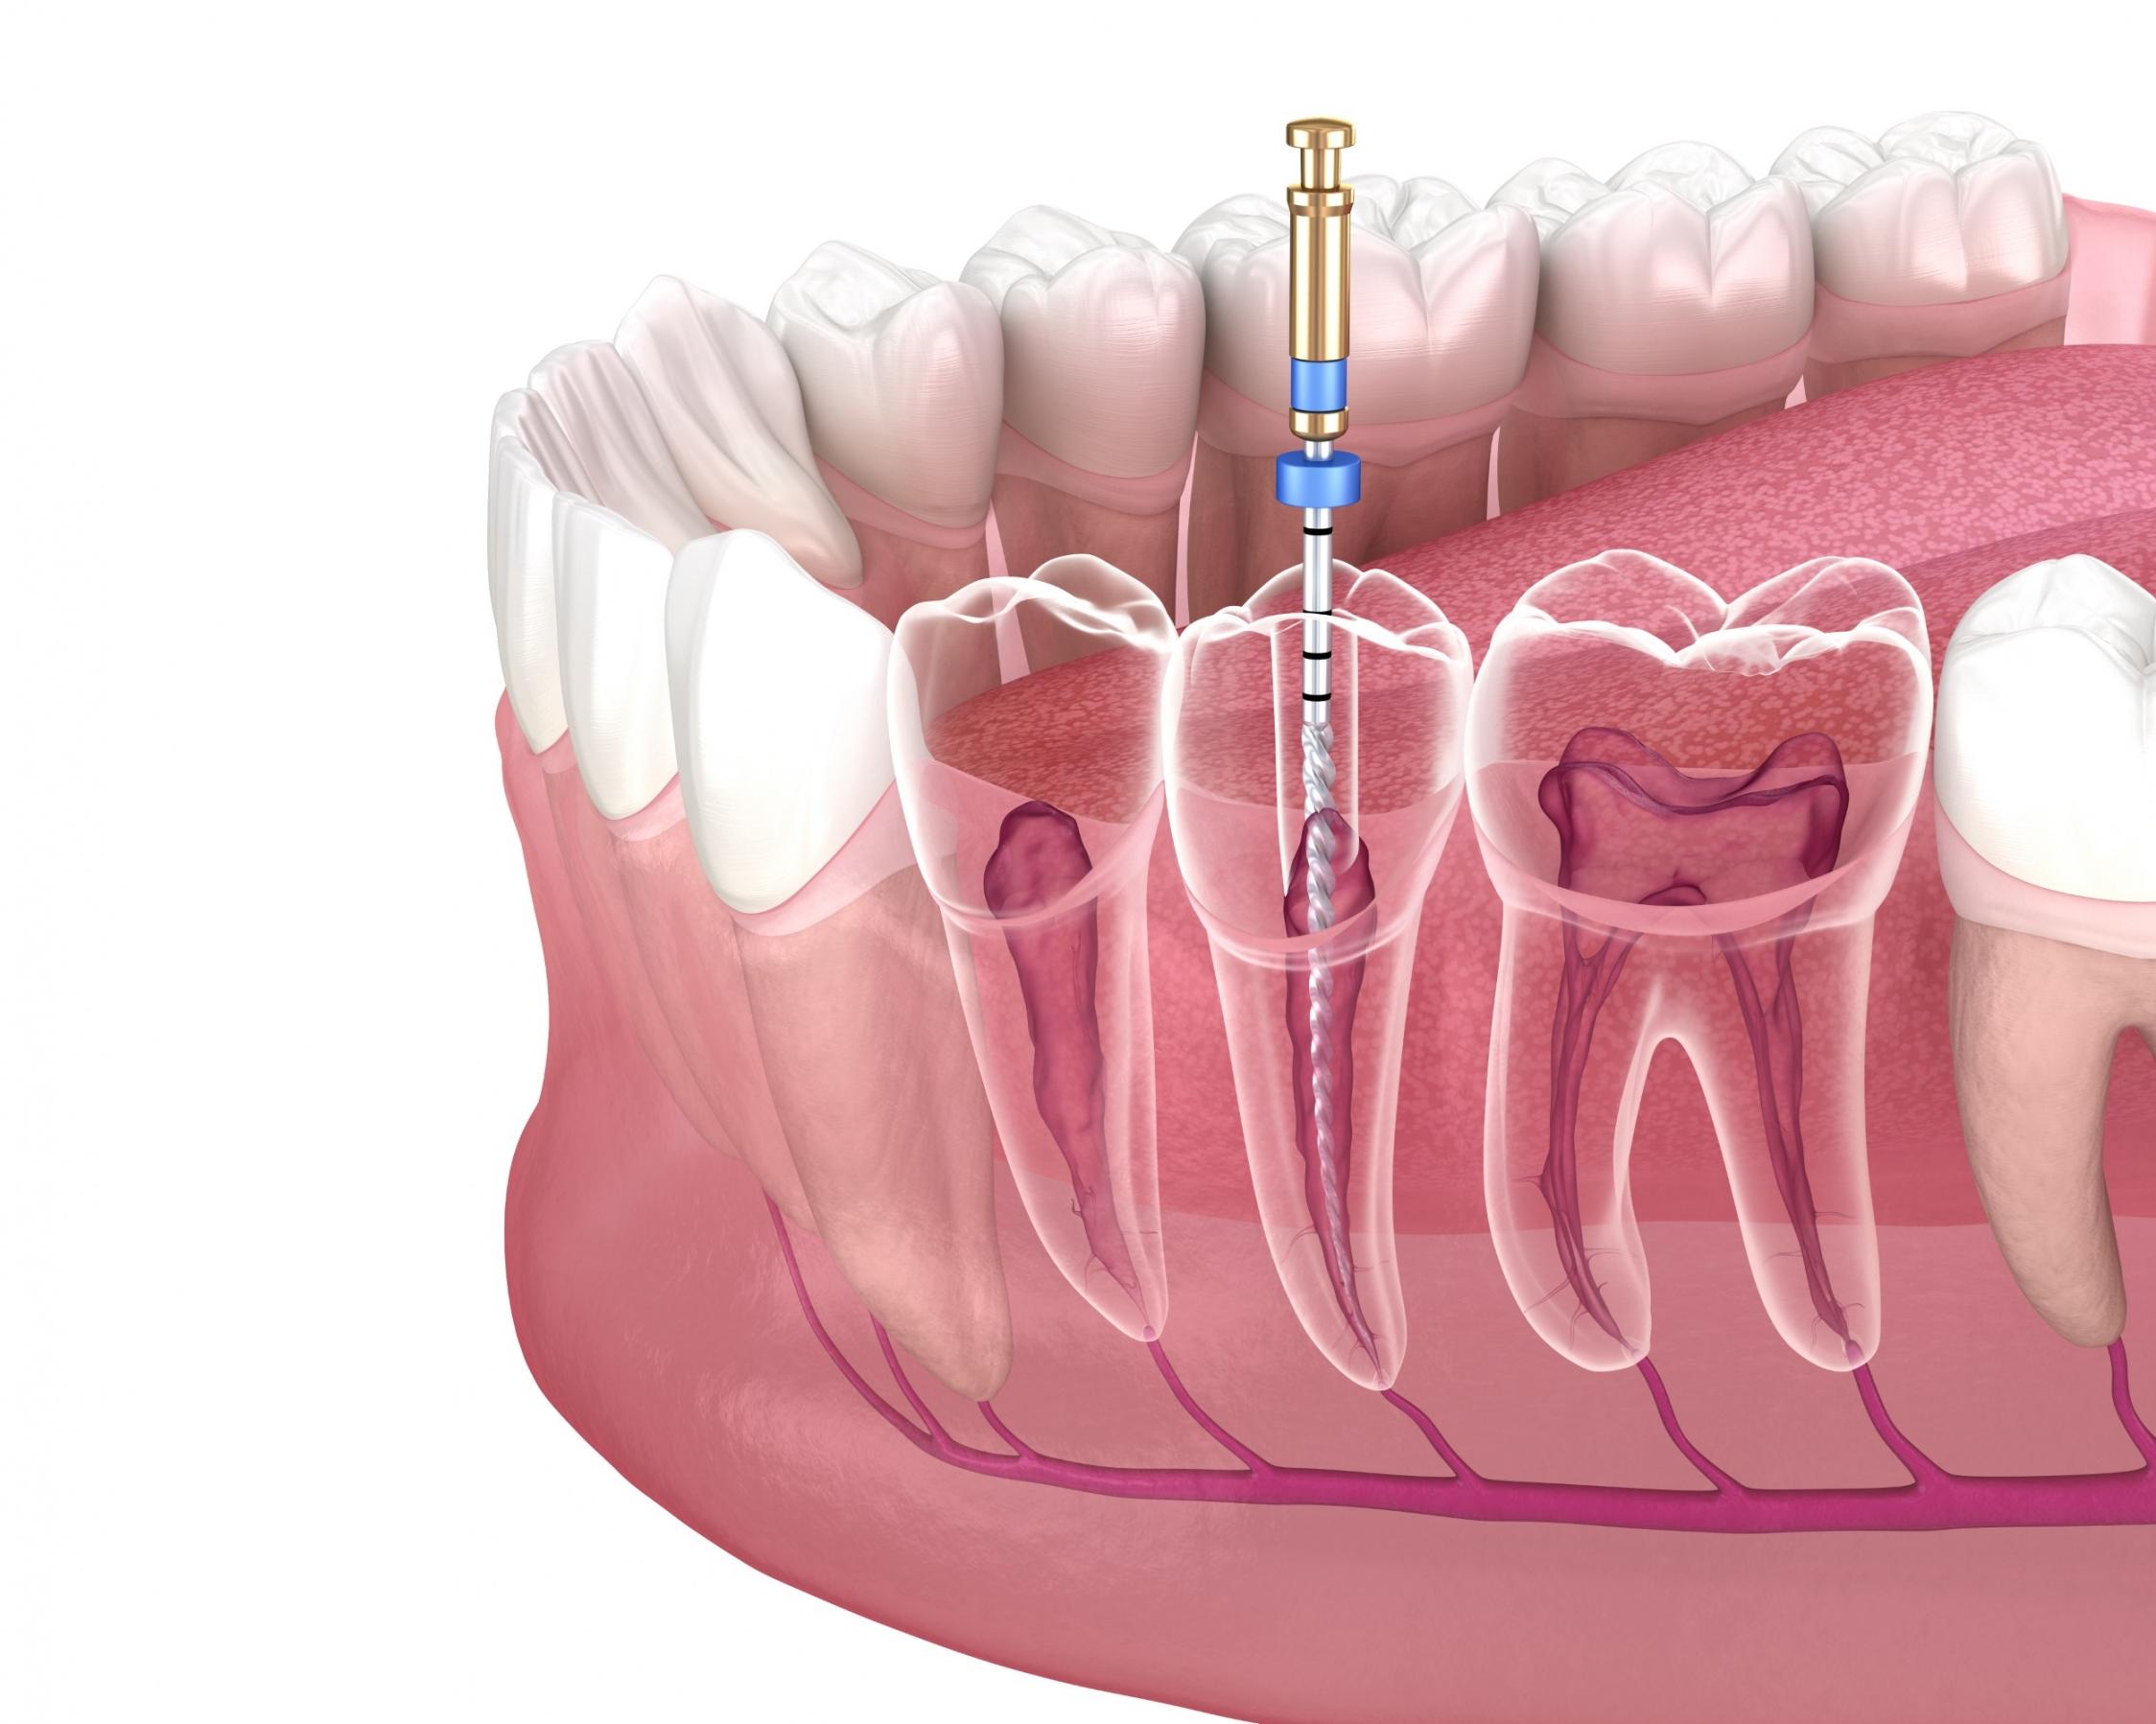 Unterschiedliche Zähne verfügen über eine unterschiedliche Anzahl von Zahnwurzeln. Backenzähne haben meist zwei, die großen bis zu vier Wurzeln. Schneidezähne und Eckzähne in der Regel nur eine Wurzel.